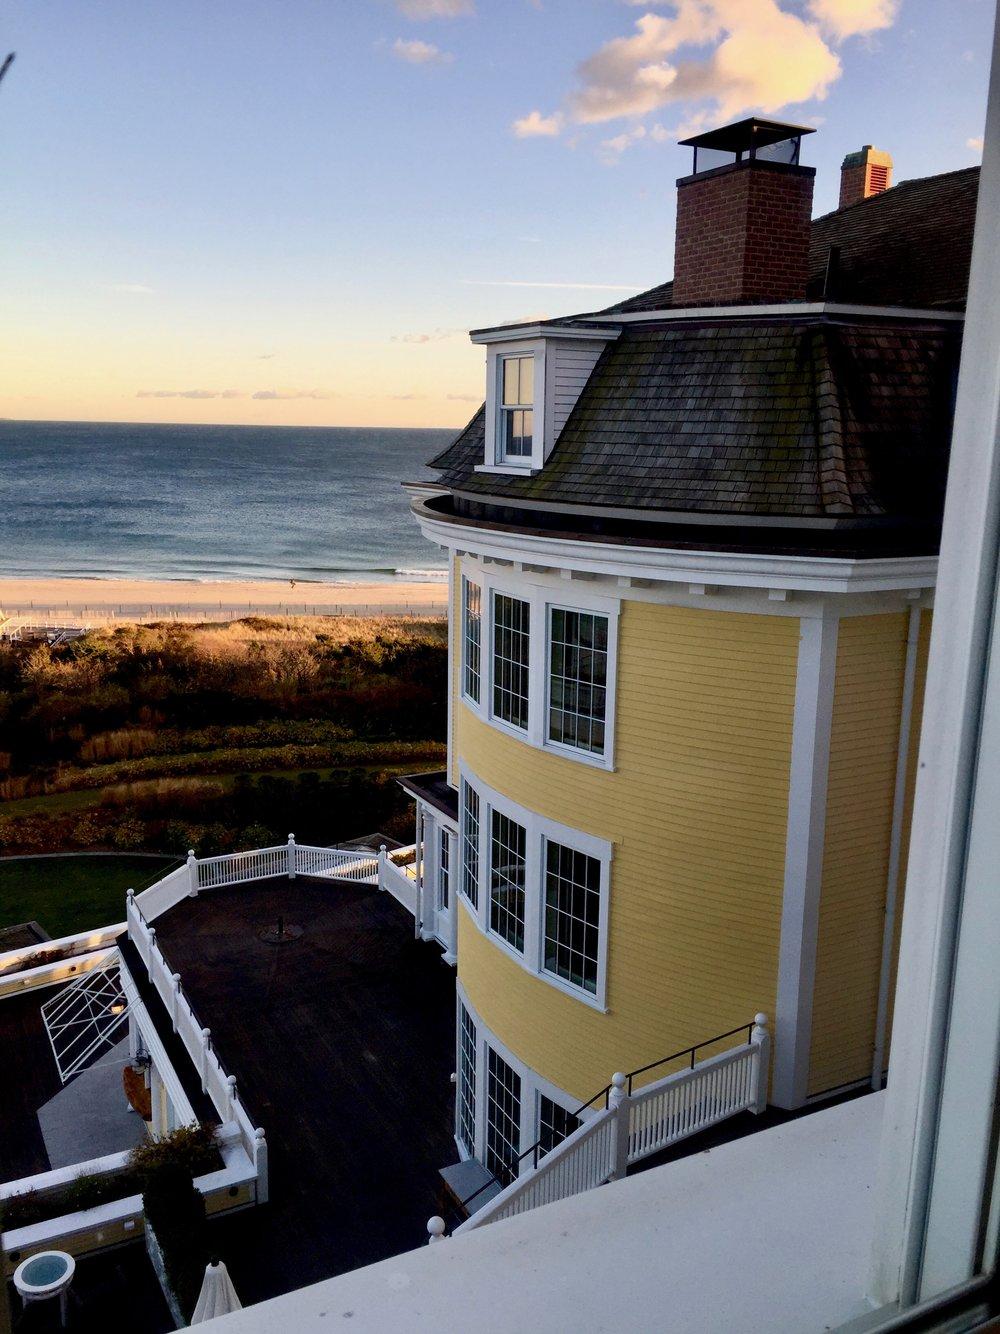 ocean house ocean view luxury hotel rhode island .jpg